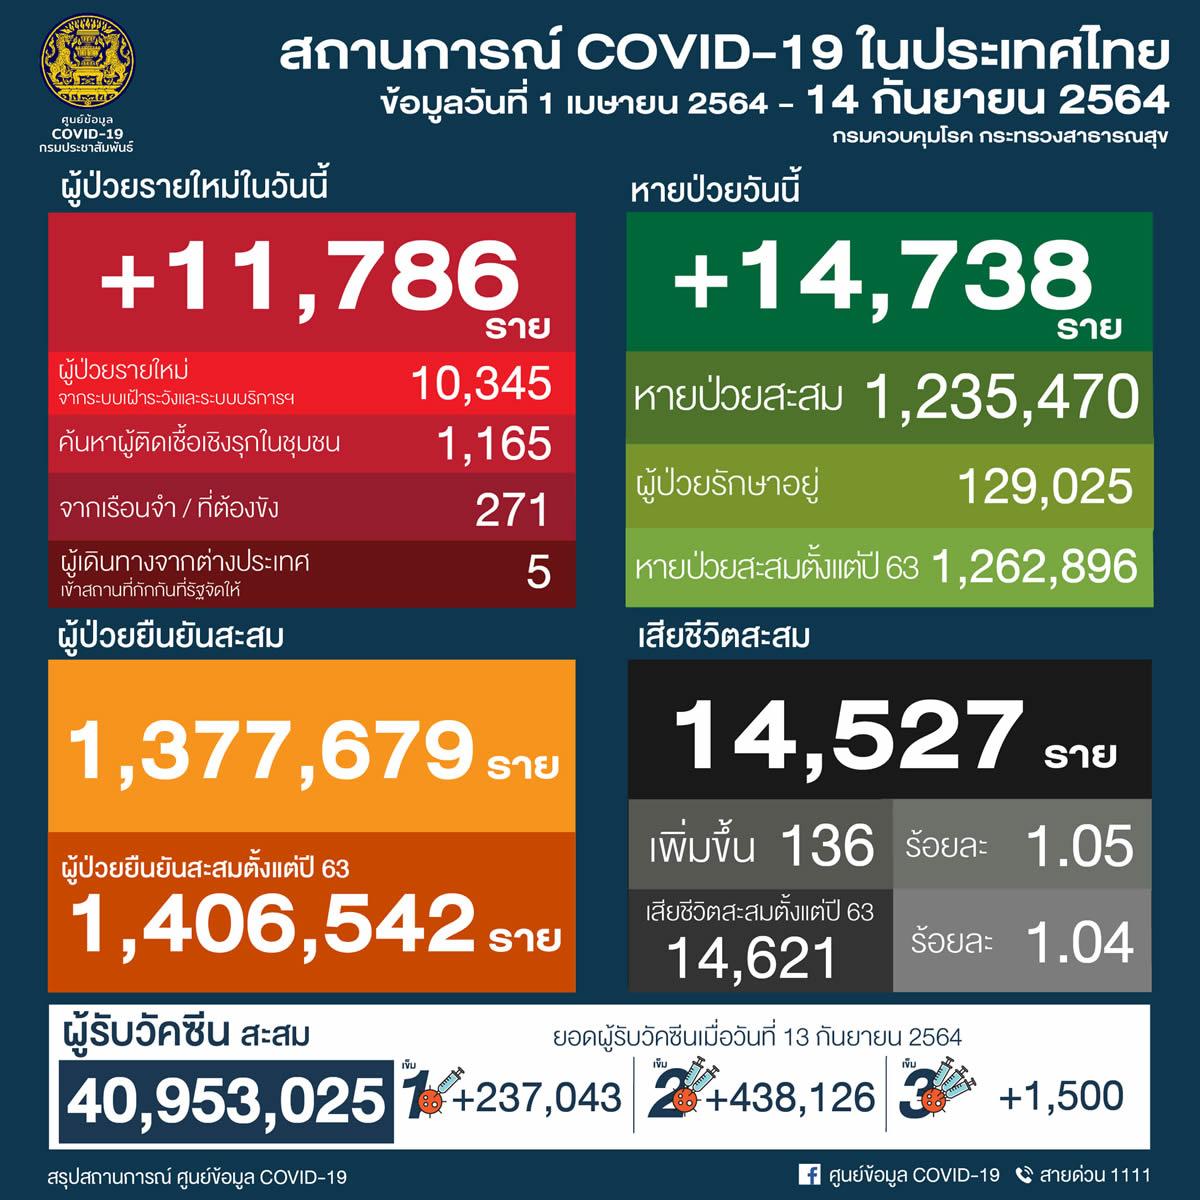 タイ 11,786人陽性 136人死亡/バンコク 2,788人陽性 28人死亡/プーケット 249人陽性[2021年9月14日発表]